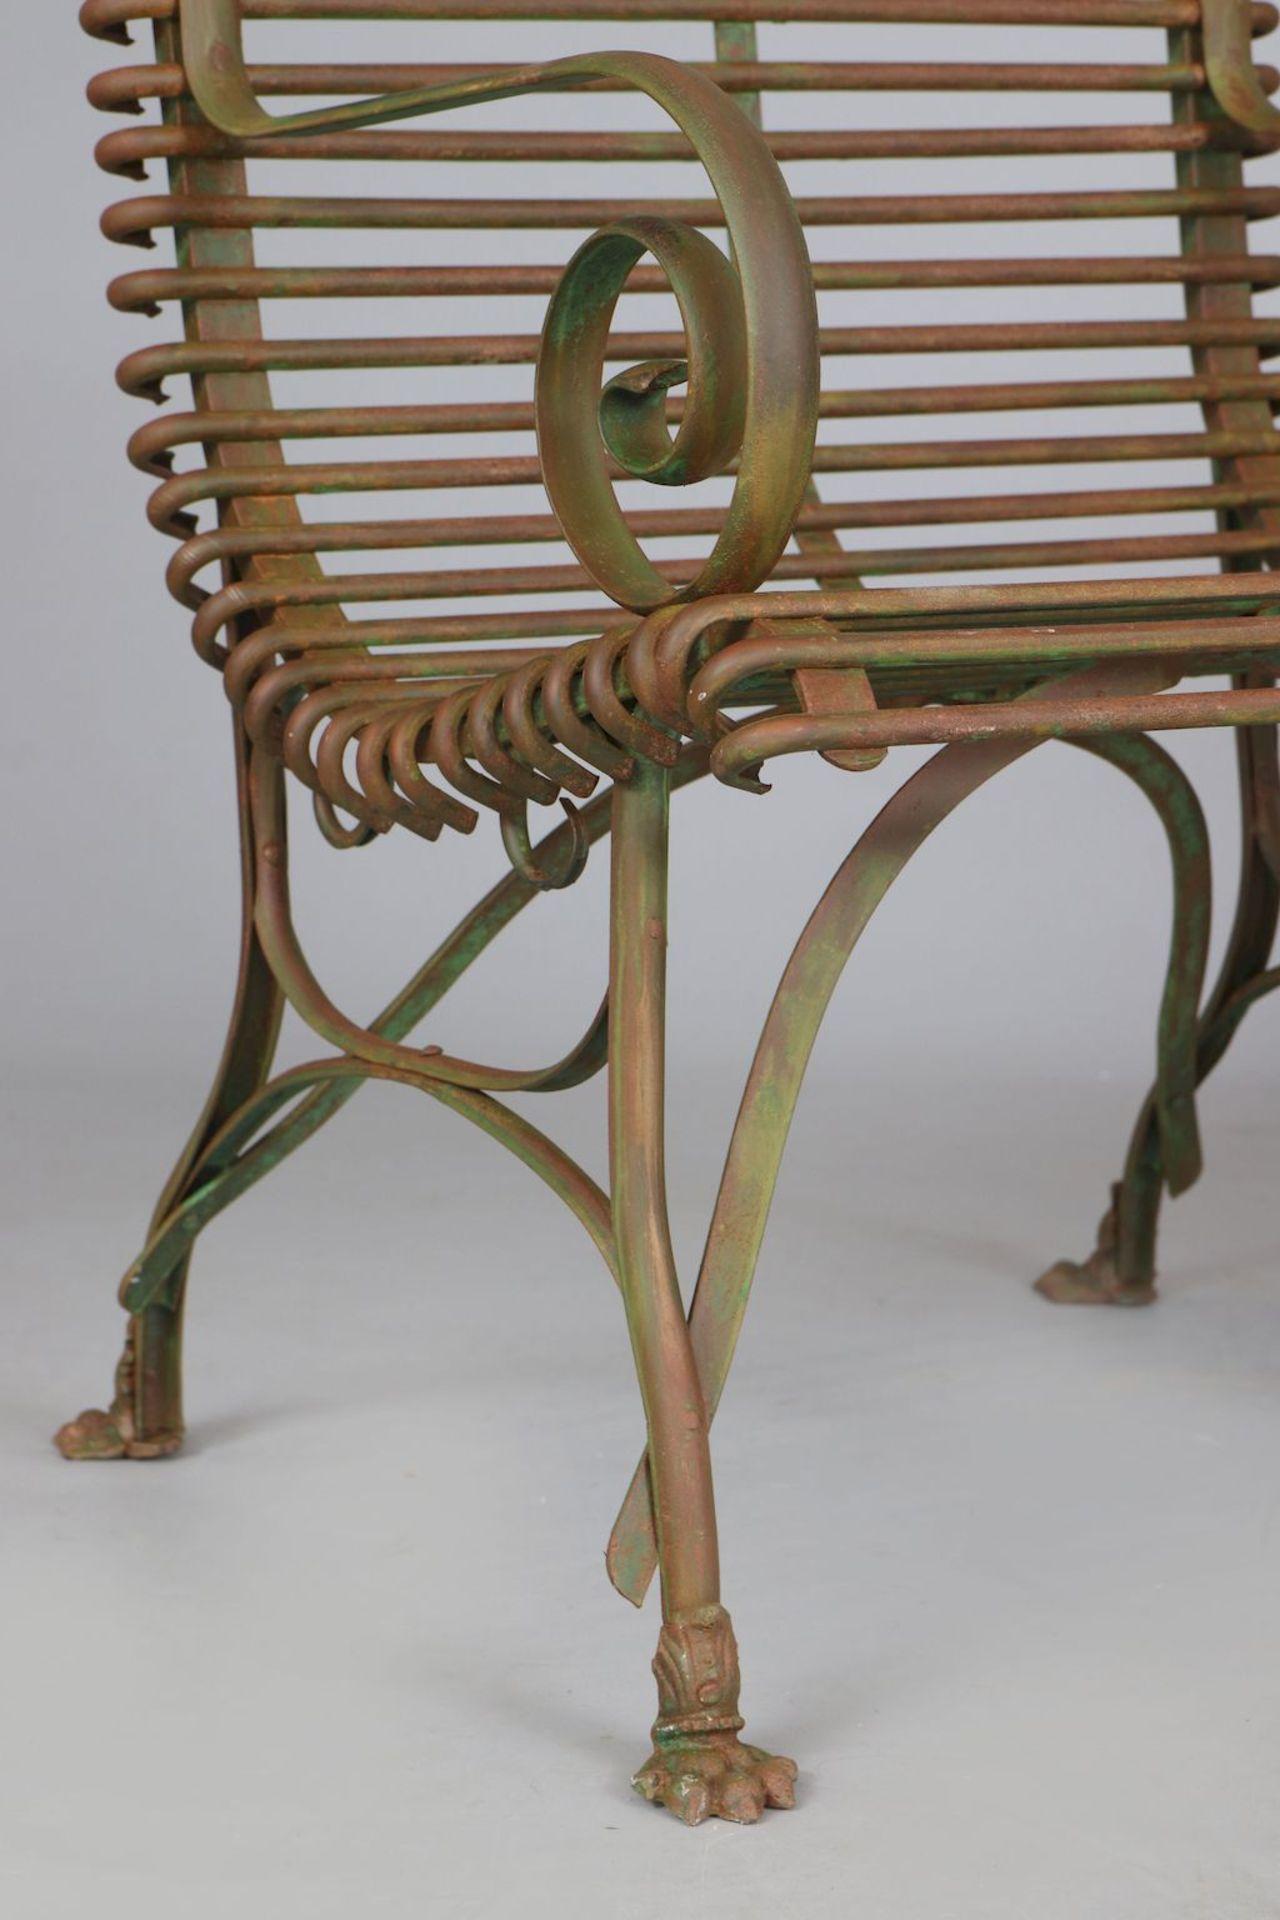 Paar Park-/Gartenstühle im Stile des 19. Jahrhunderts - Image 3 of 3